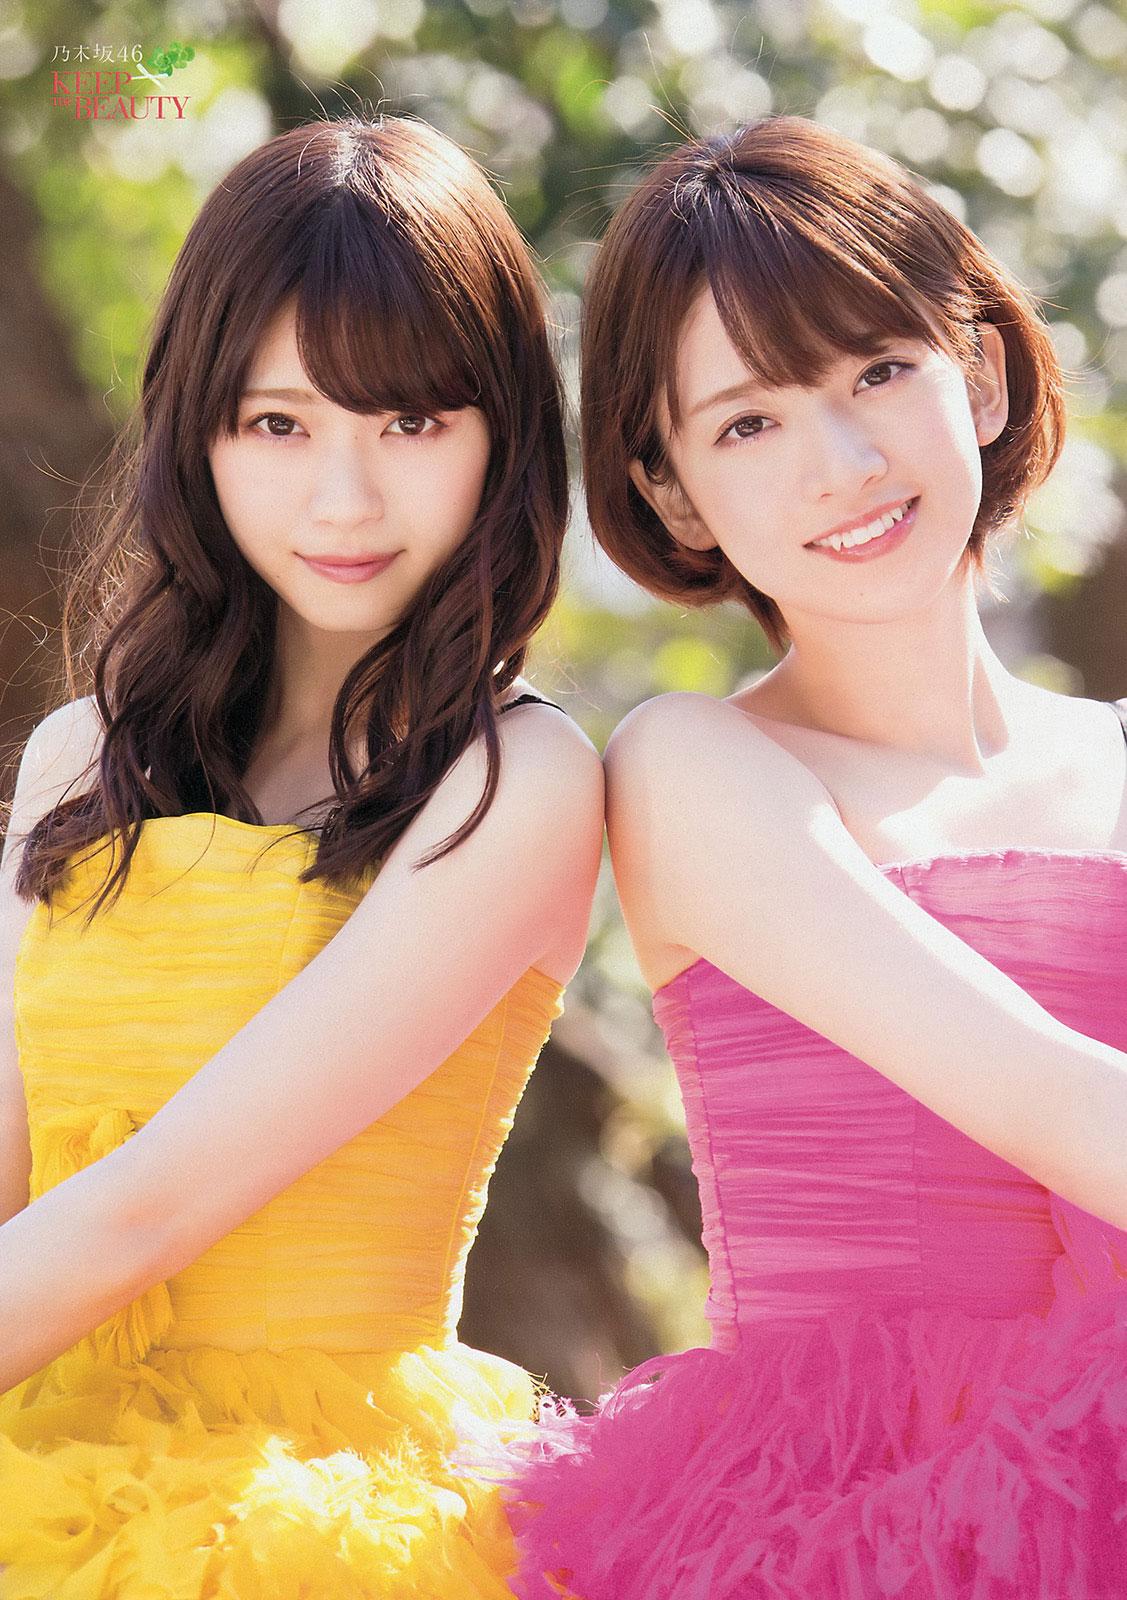 Nanase Nishino Nanami Hashimoto Weekly Young Magazine